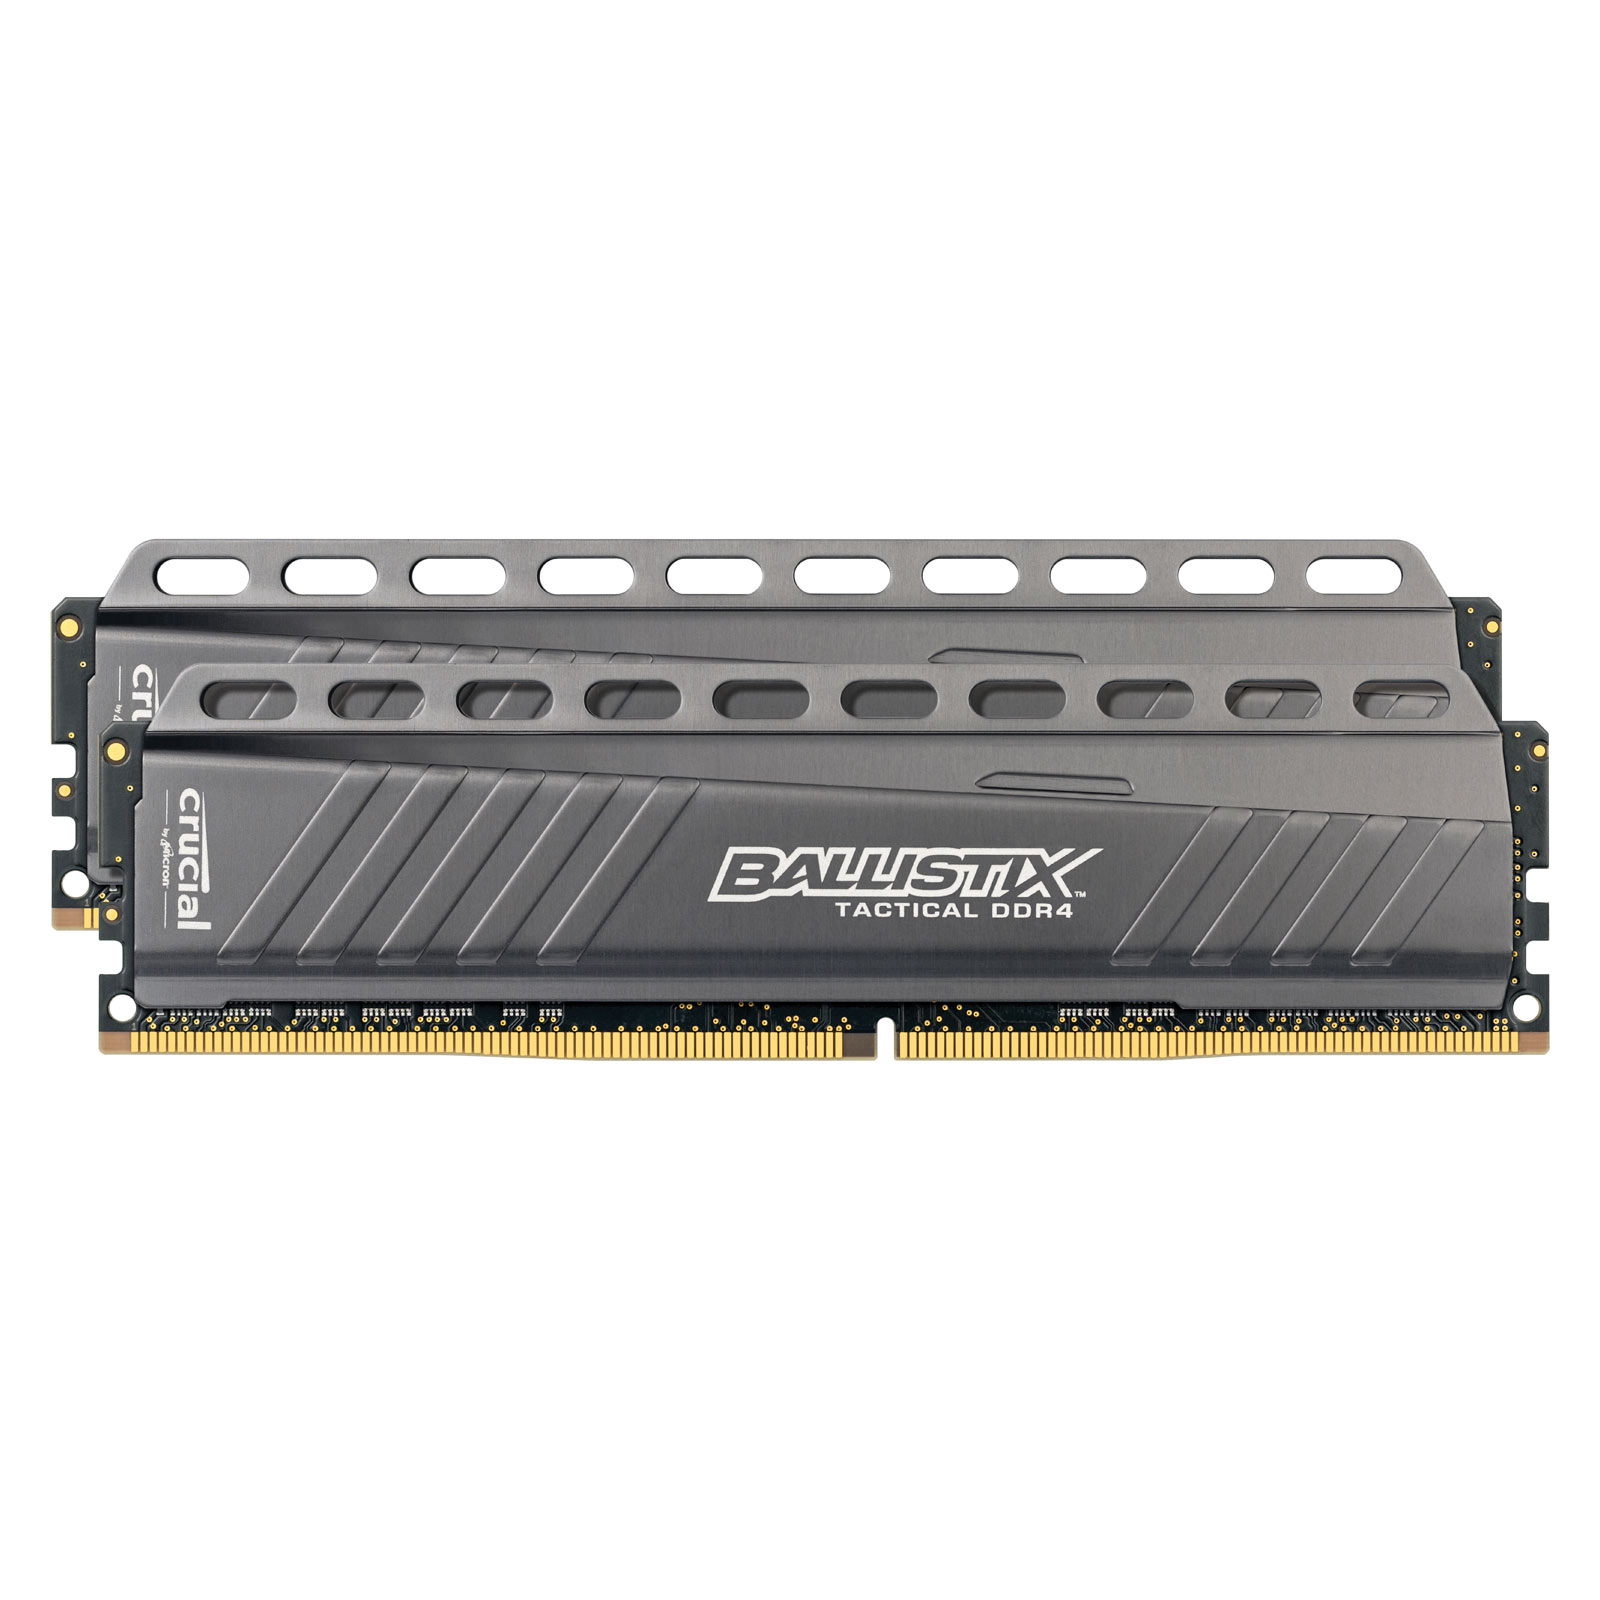 Ballistix BLT2C4G4D26AFTA (2x4Go DDR4 2666 PC21300) (BLT2C4G4D26AFTA) - Achat / Vente Mémoire PC sur Cybertek.fr - 0